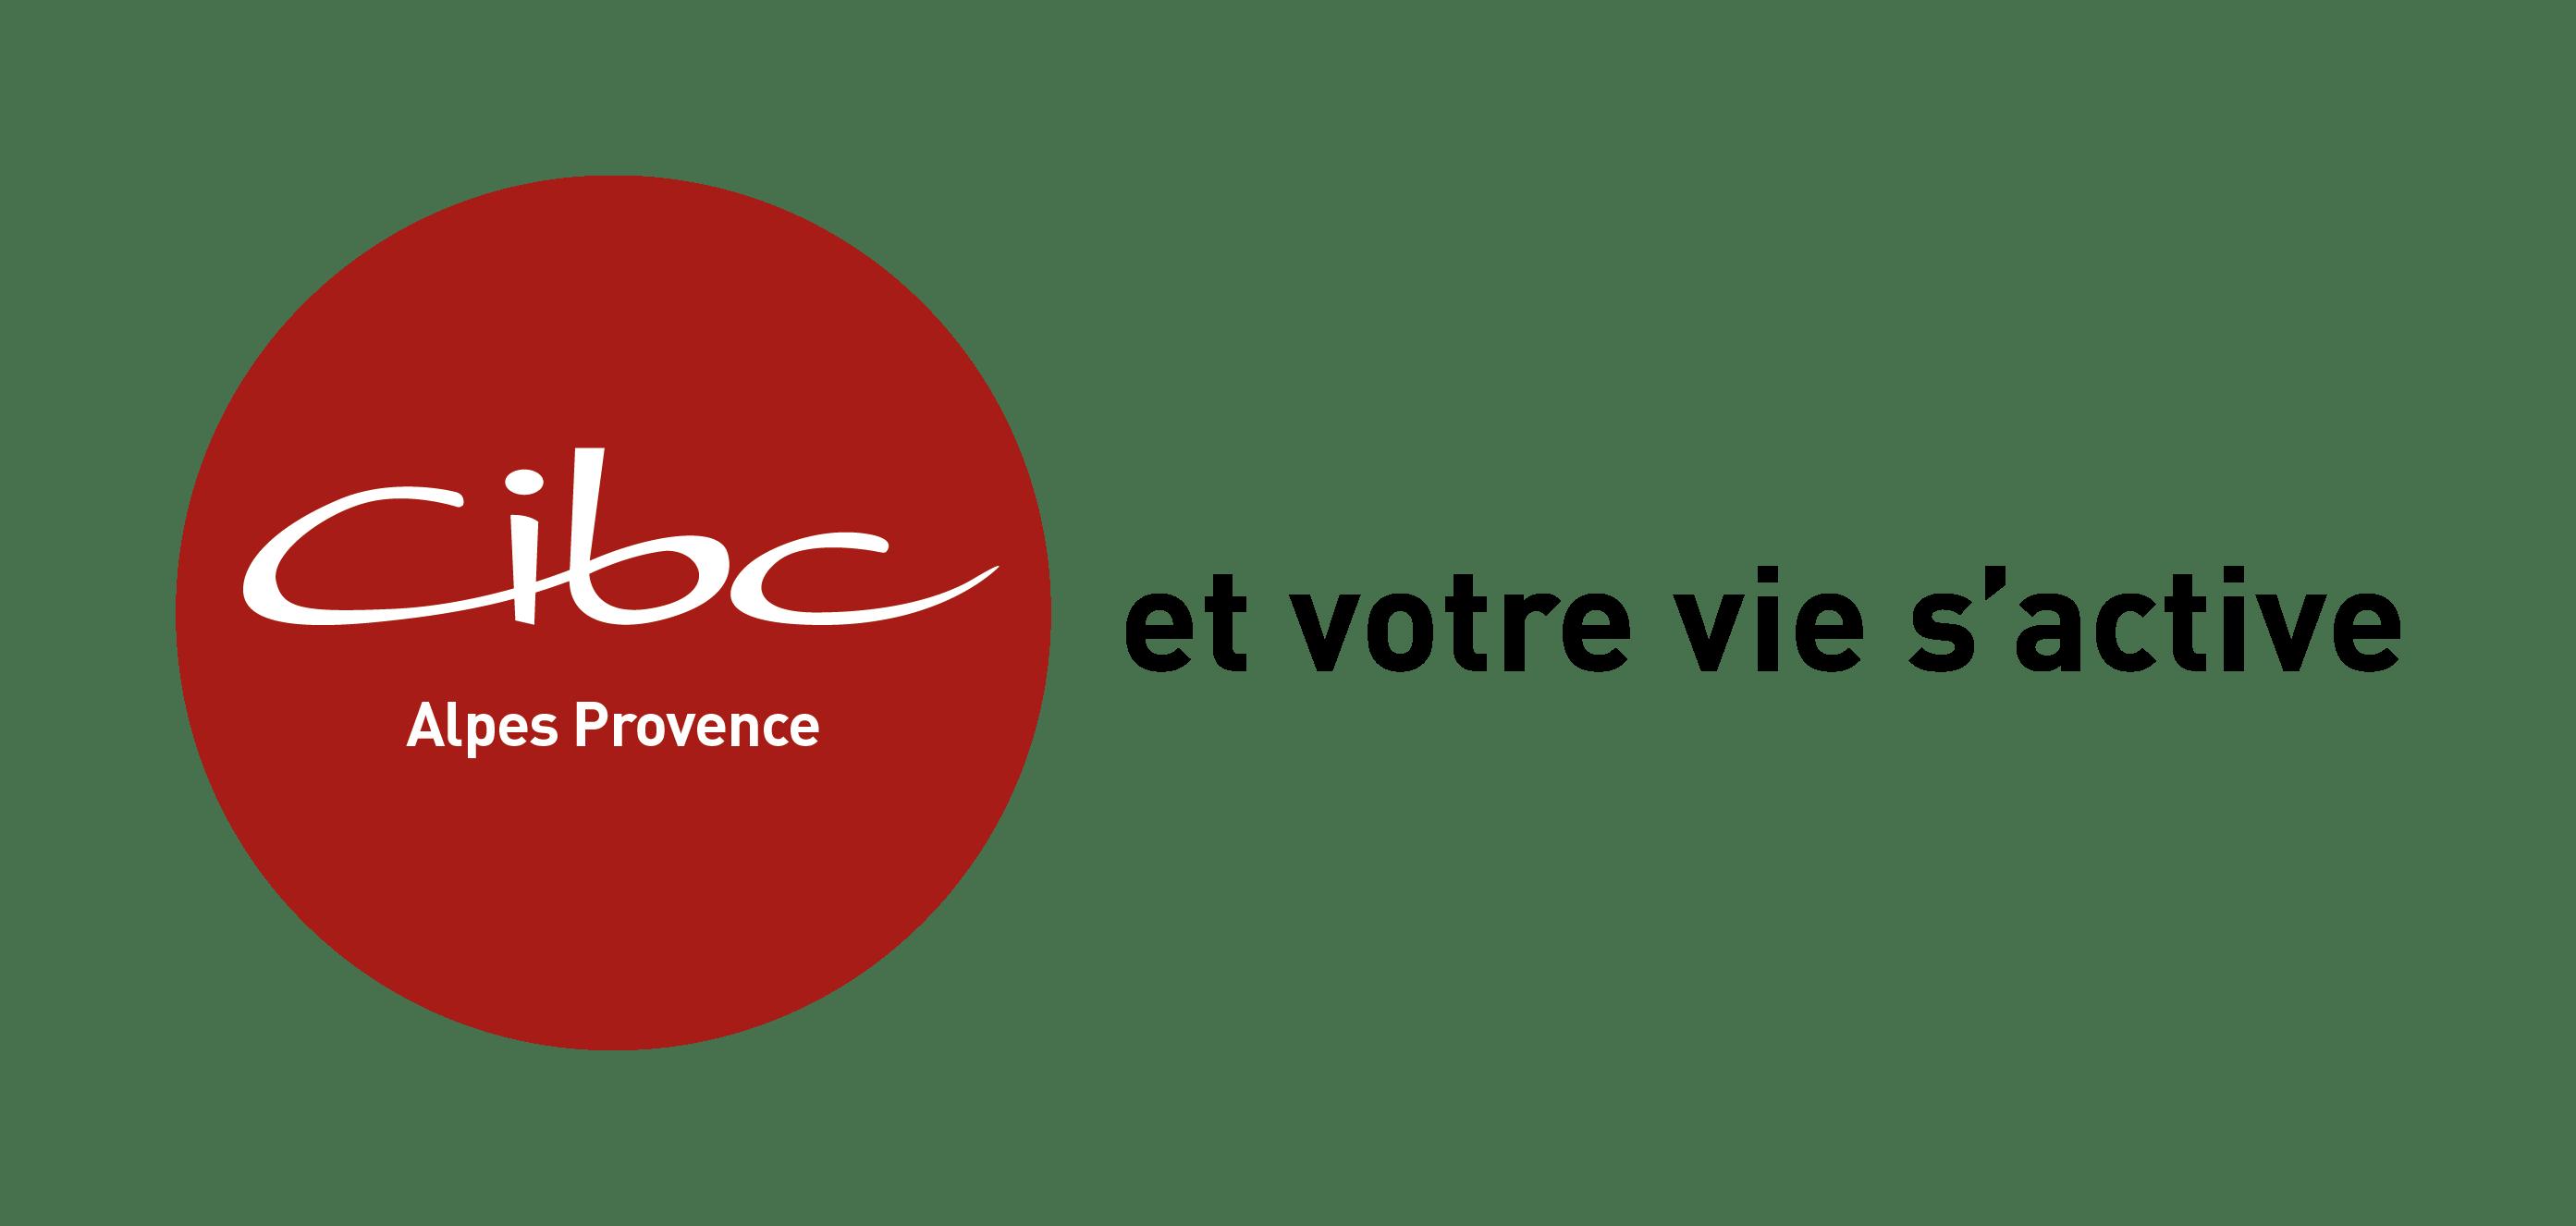 logo CIBC Alpes Provence blanc sur rond rouge plus slogan